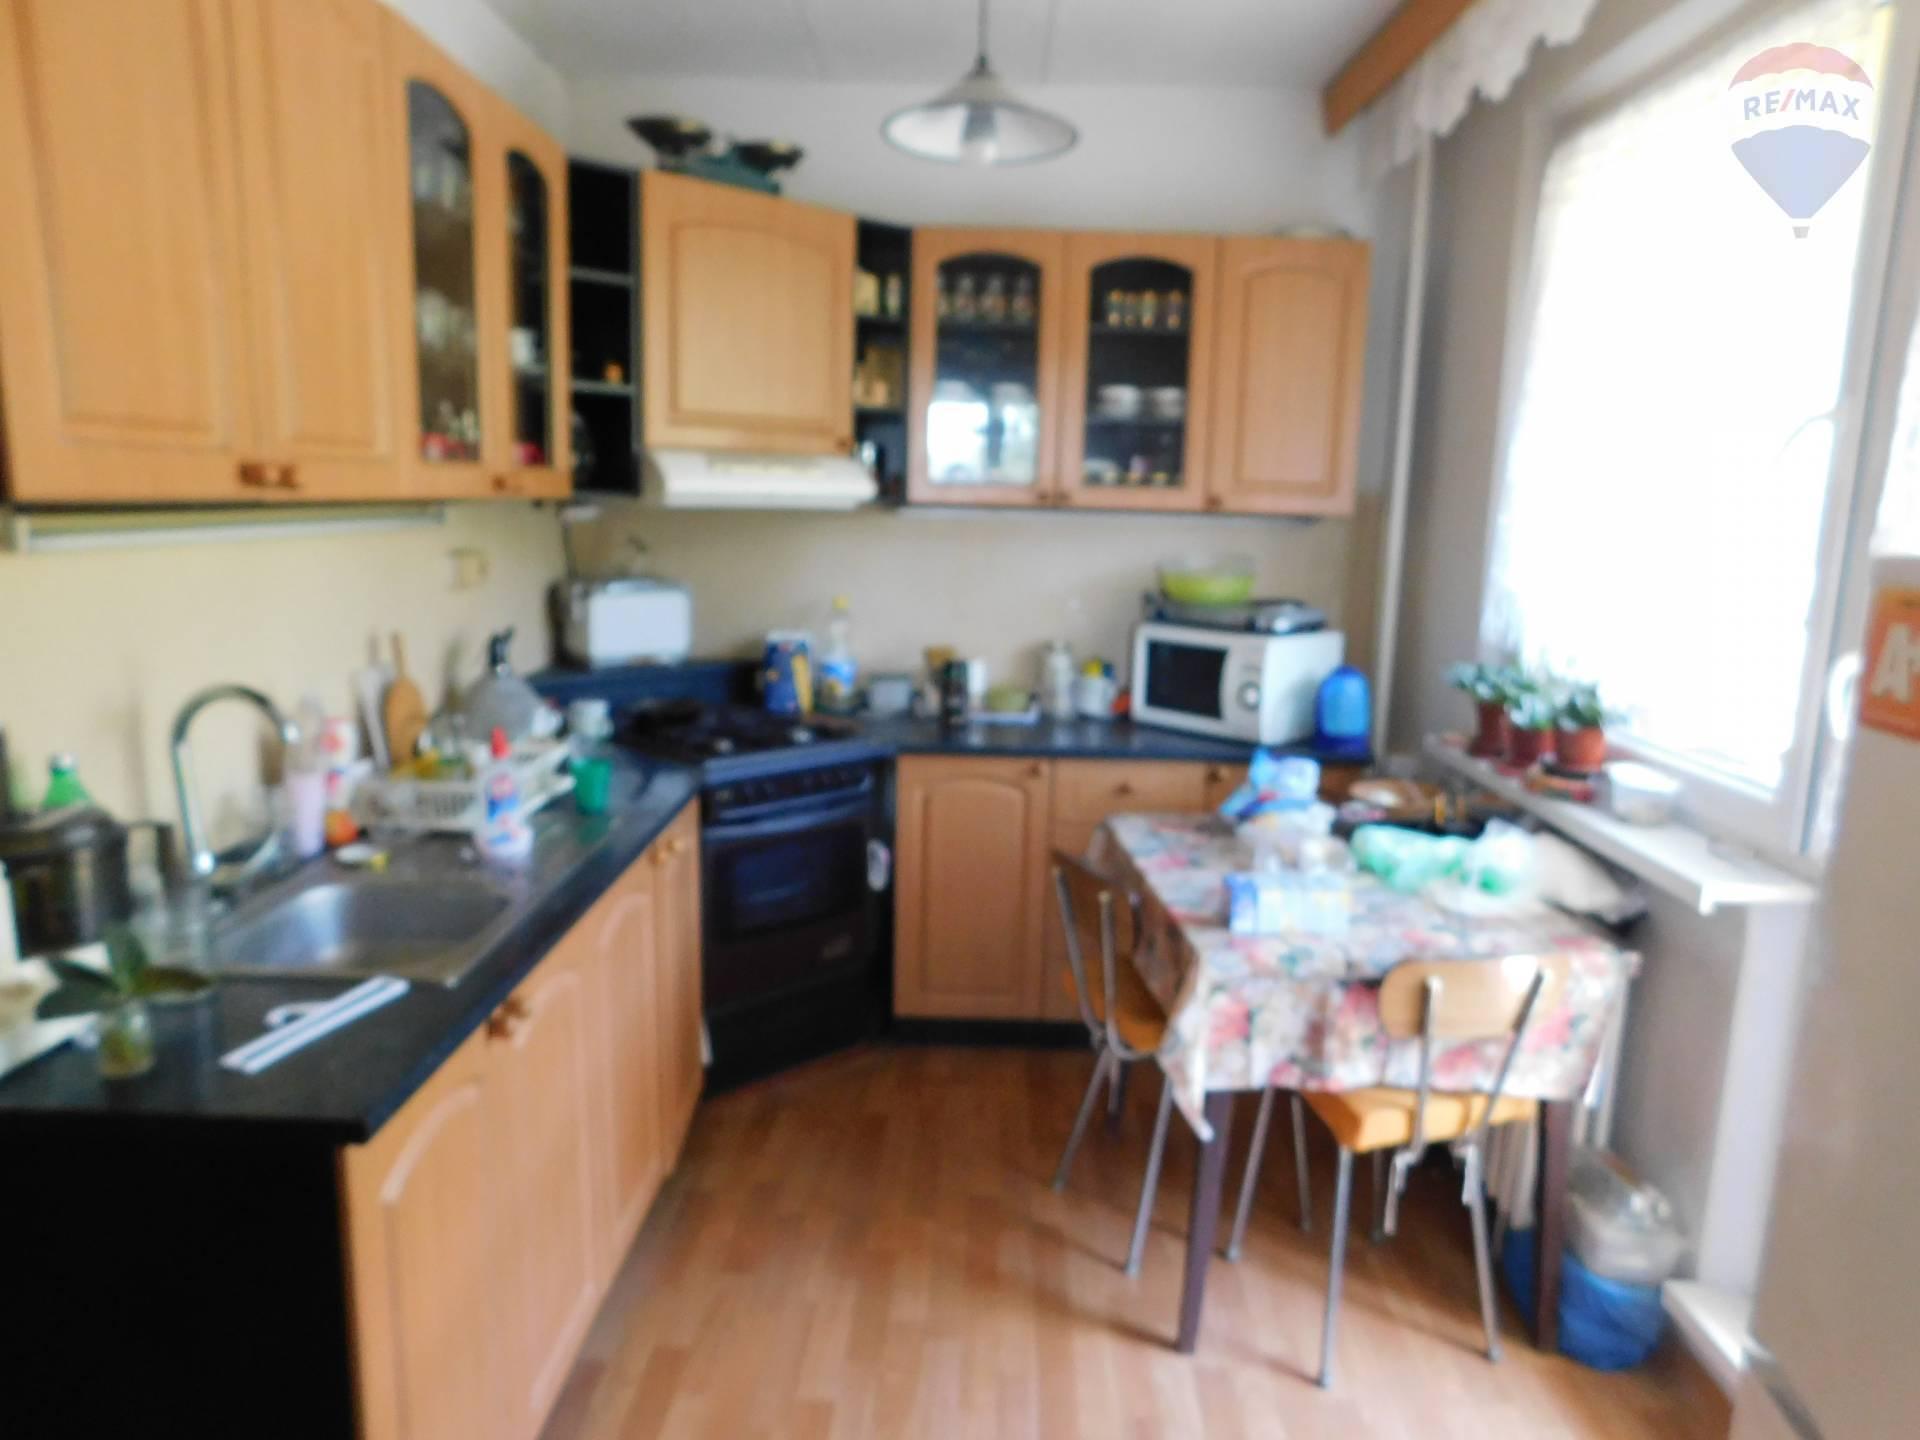 Predaj bytu (3 izbový) 79 m2, Banská Bystrica - Kuchyňa